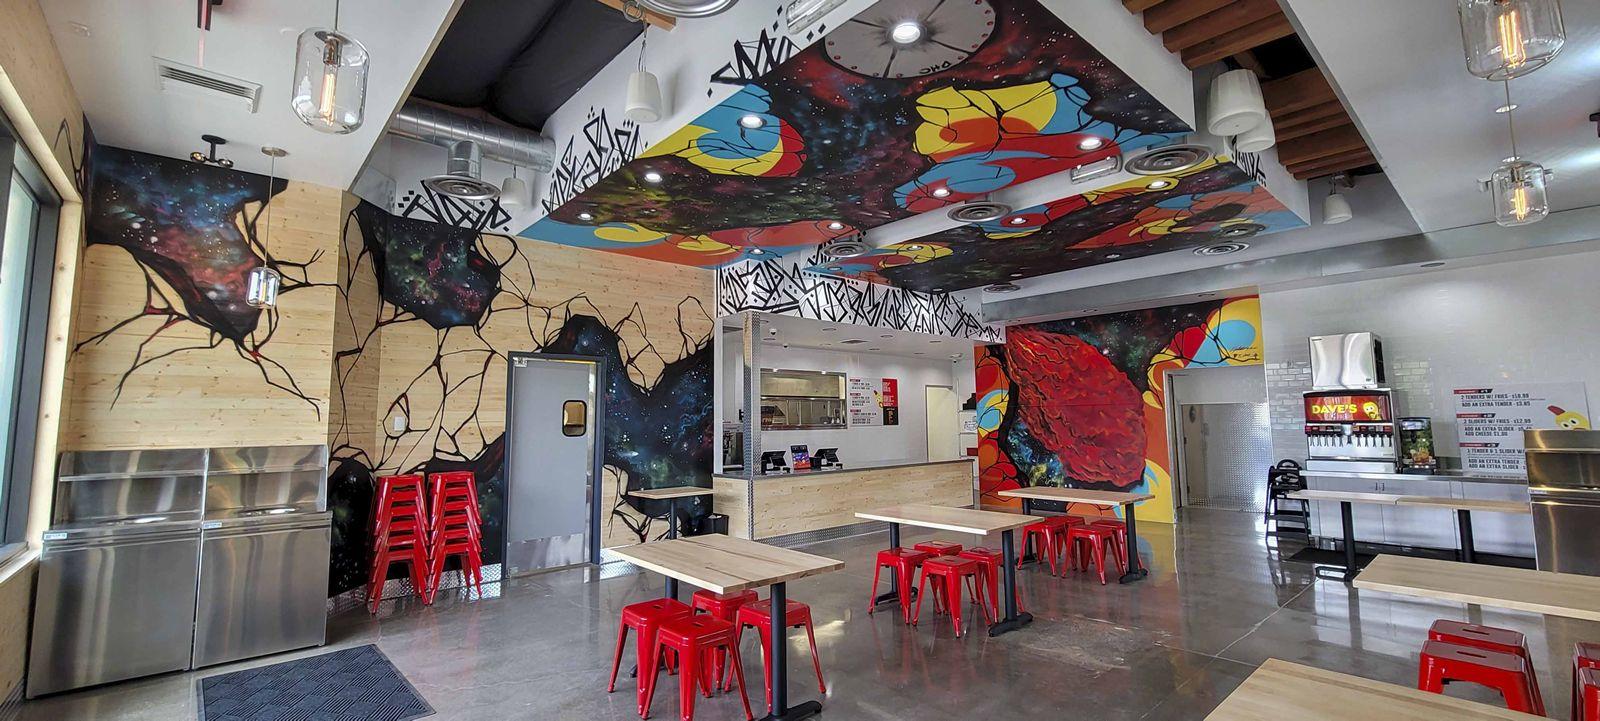 Dave's Hot Chicken ouvre son premier emplacement dans la région de Portland